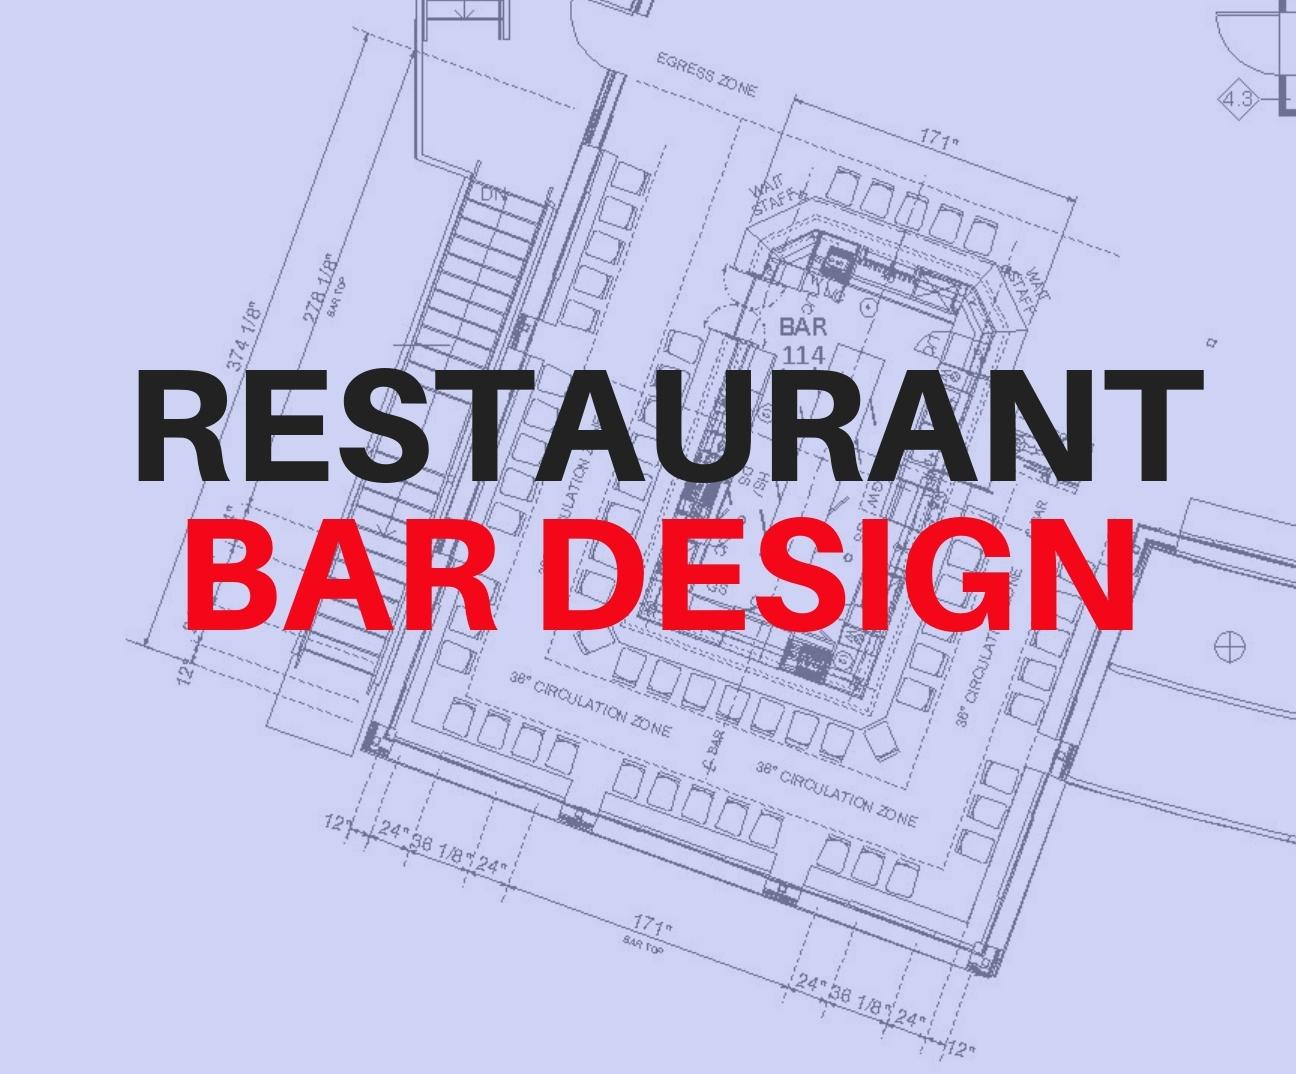 Architectural plan of restaurant bar